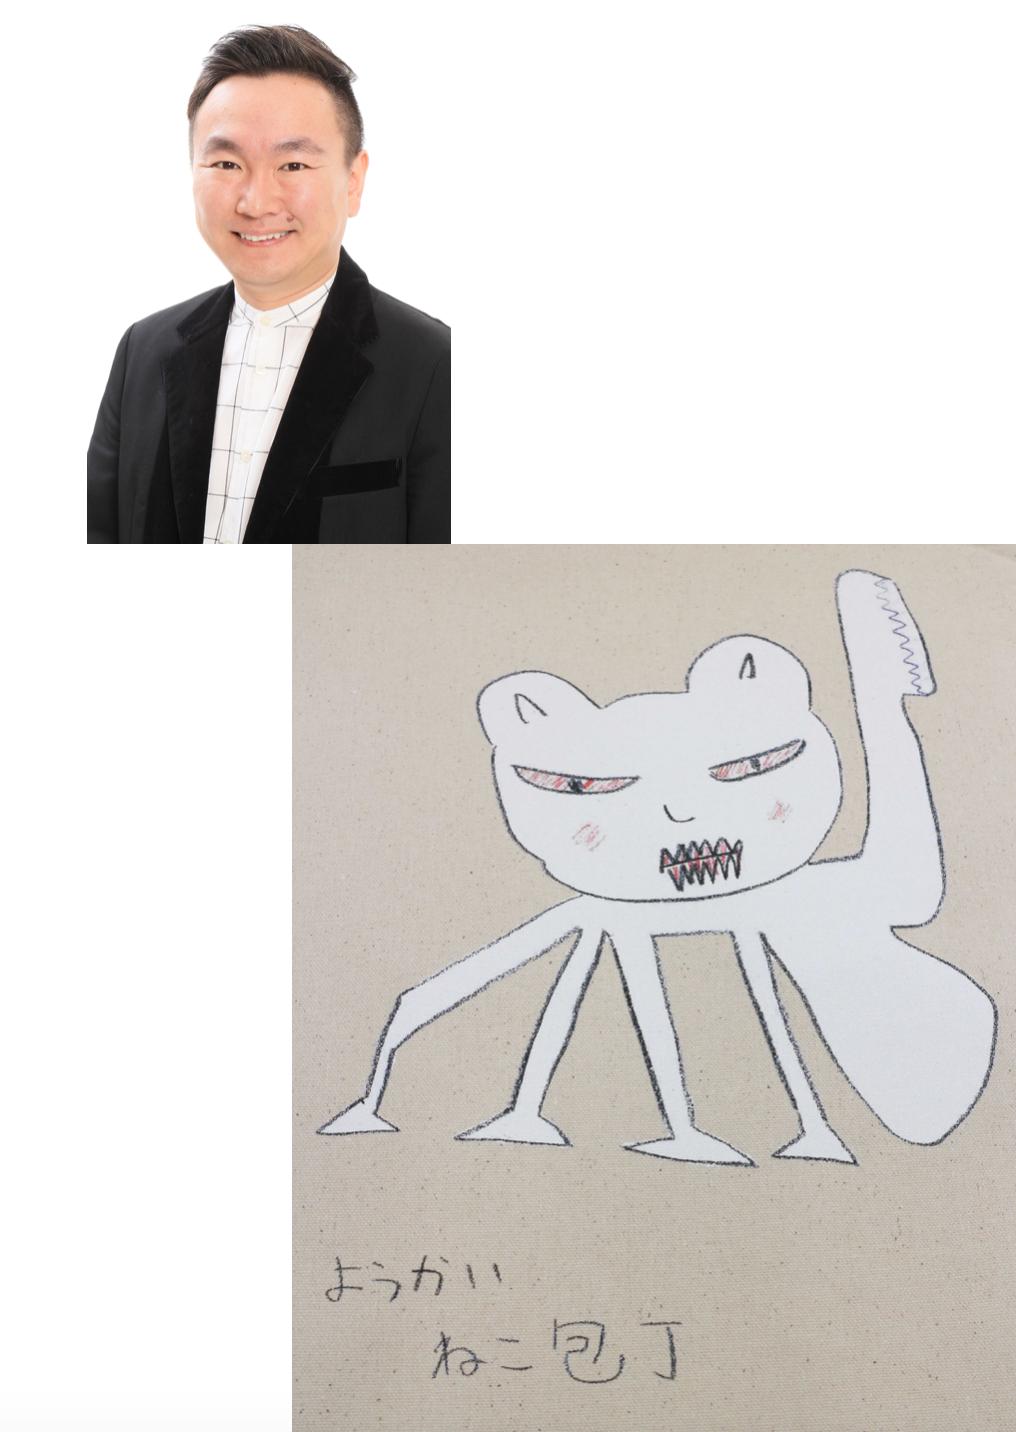 【京都国際映画祭展示の吉本芸人アートバッグ】かまいたち 山内「ようかいネコ包丁」